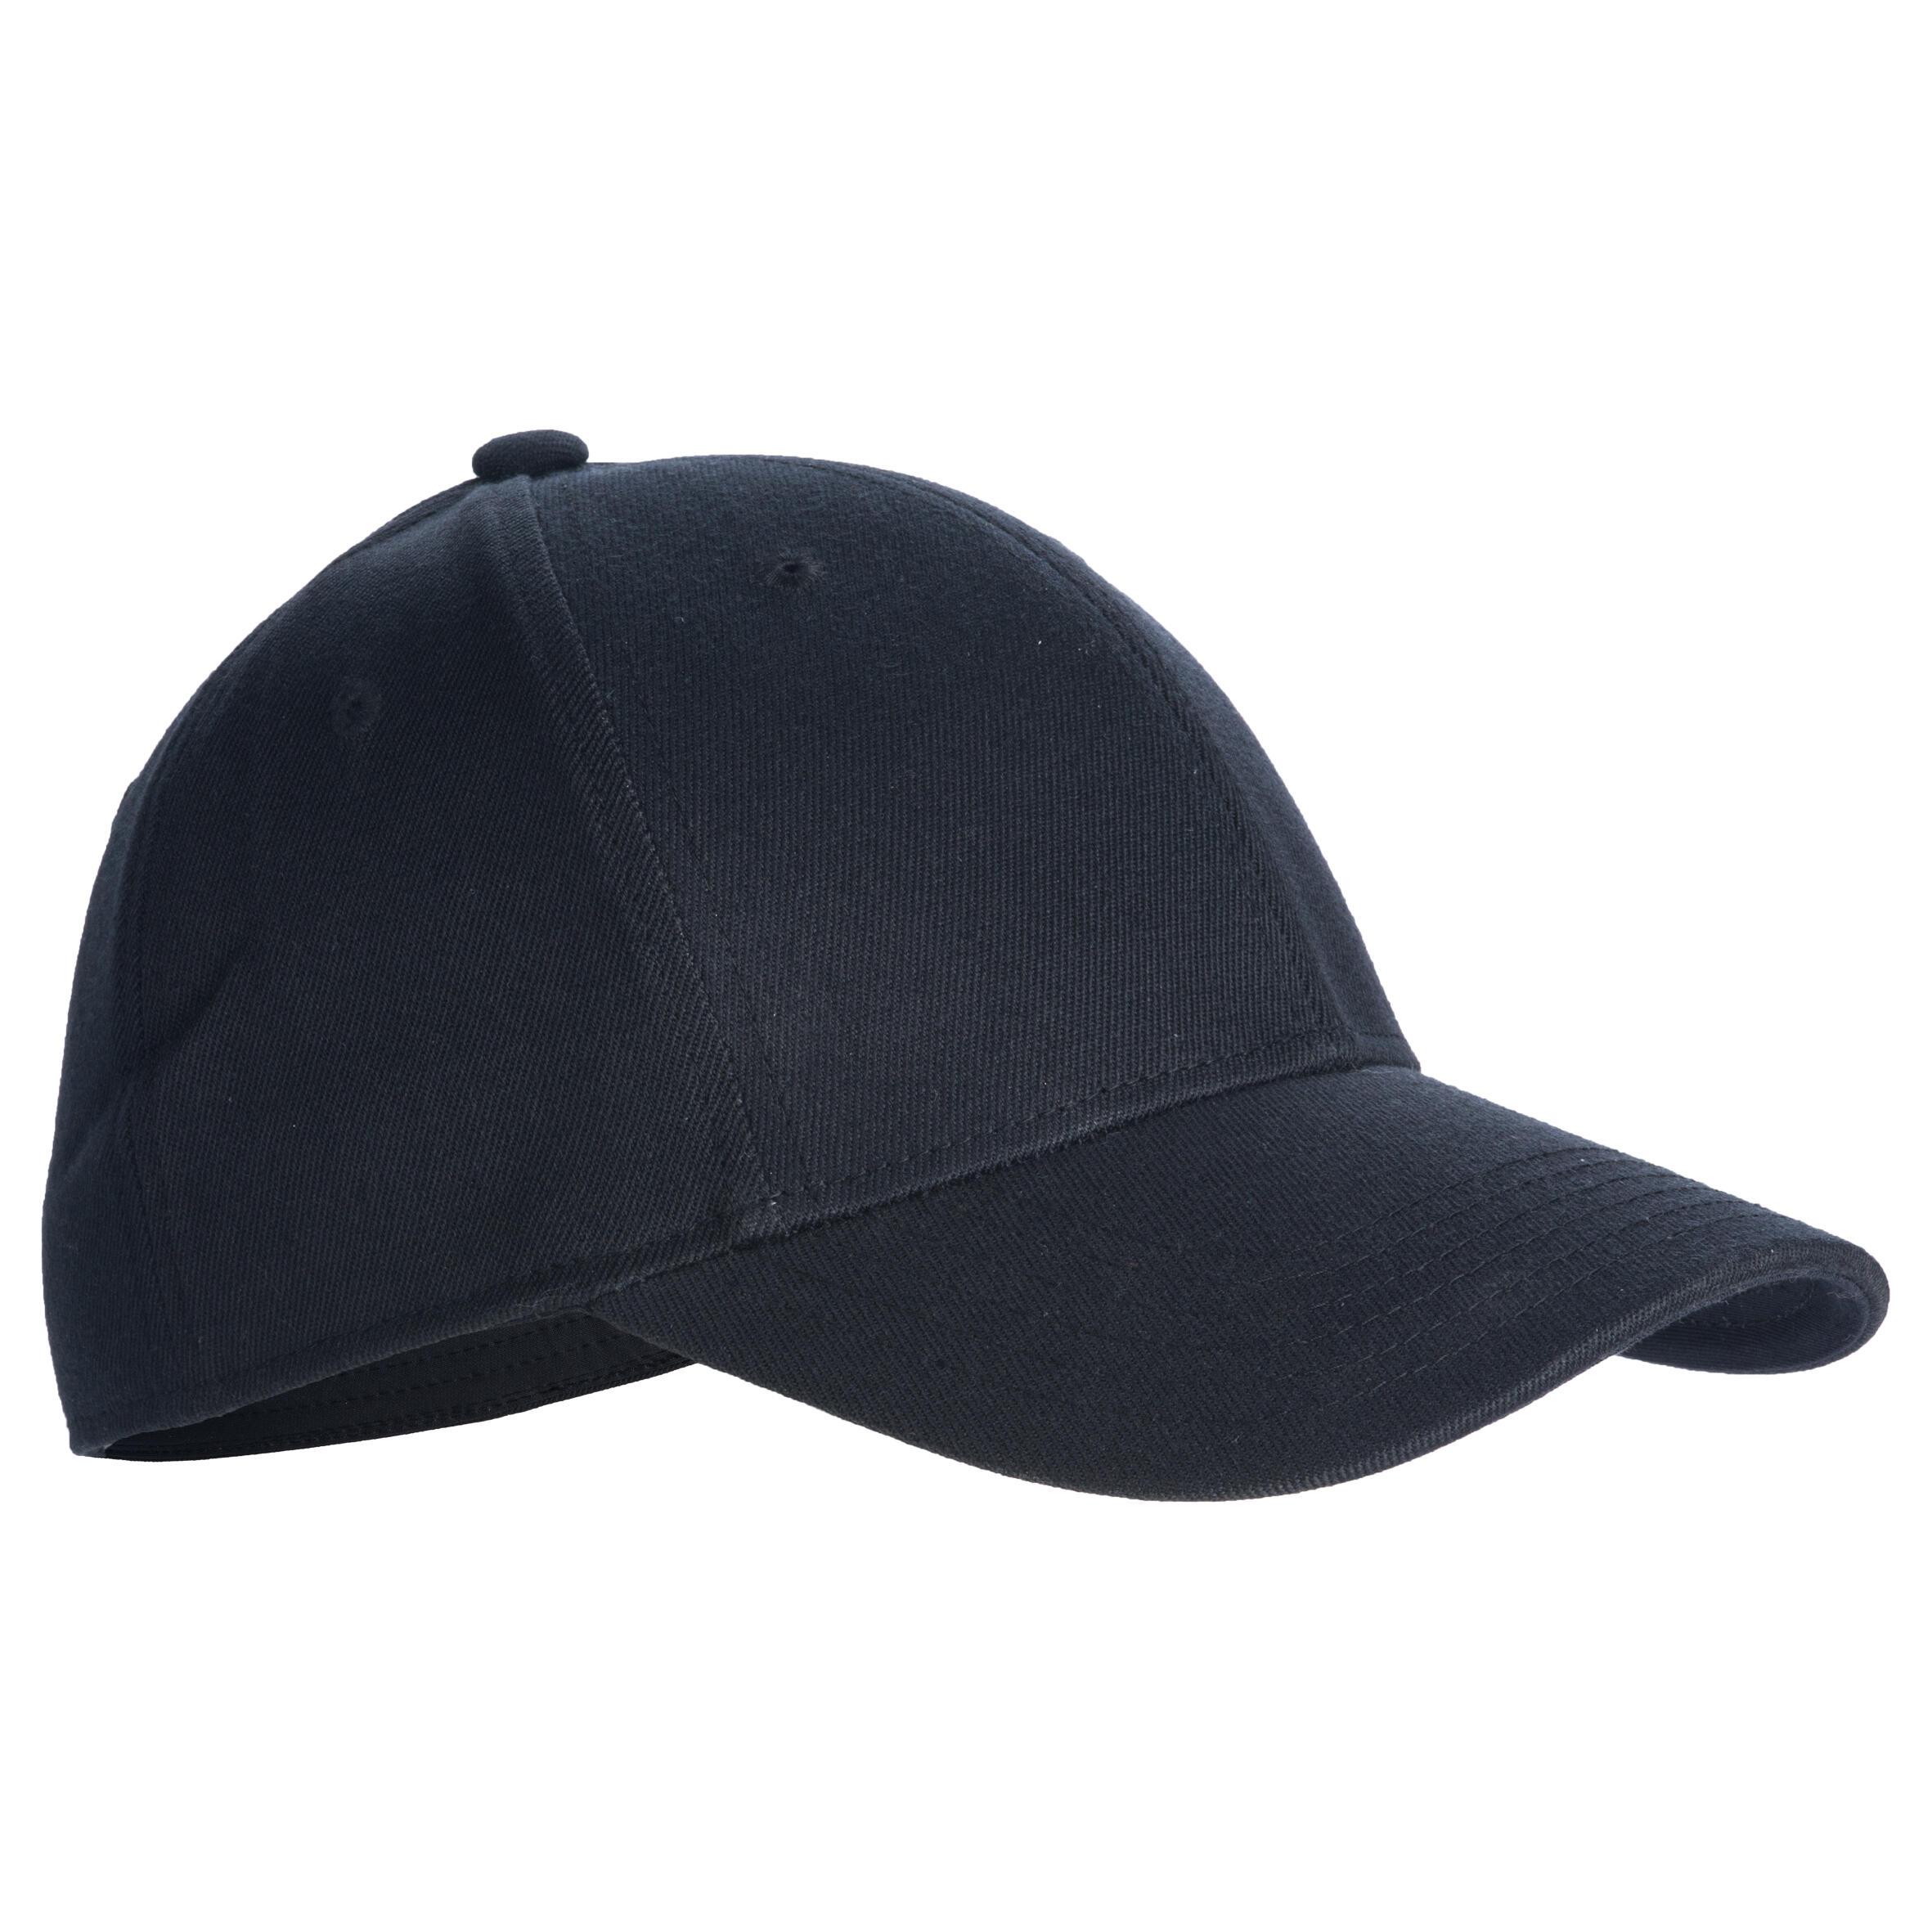 Baseballcap BA550 Hat Black Damen/Herren schwarz